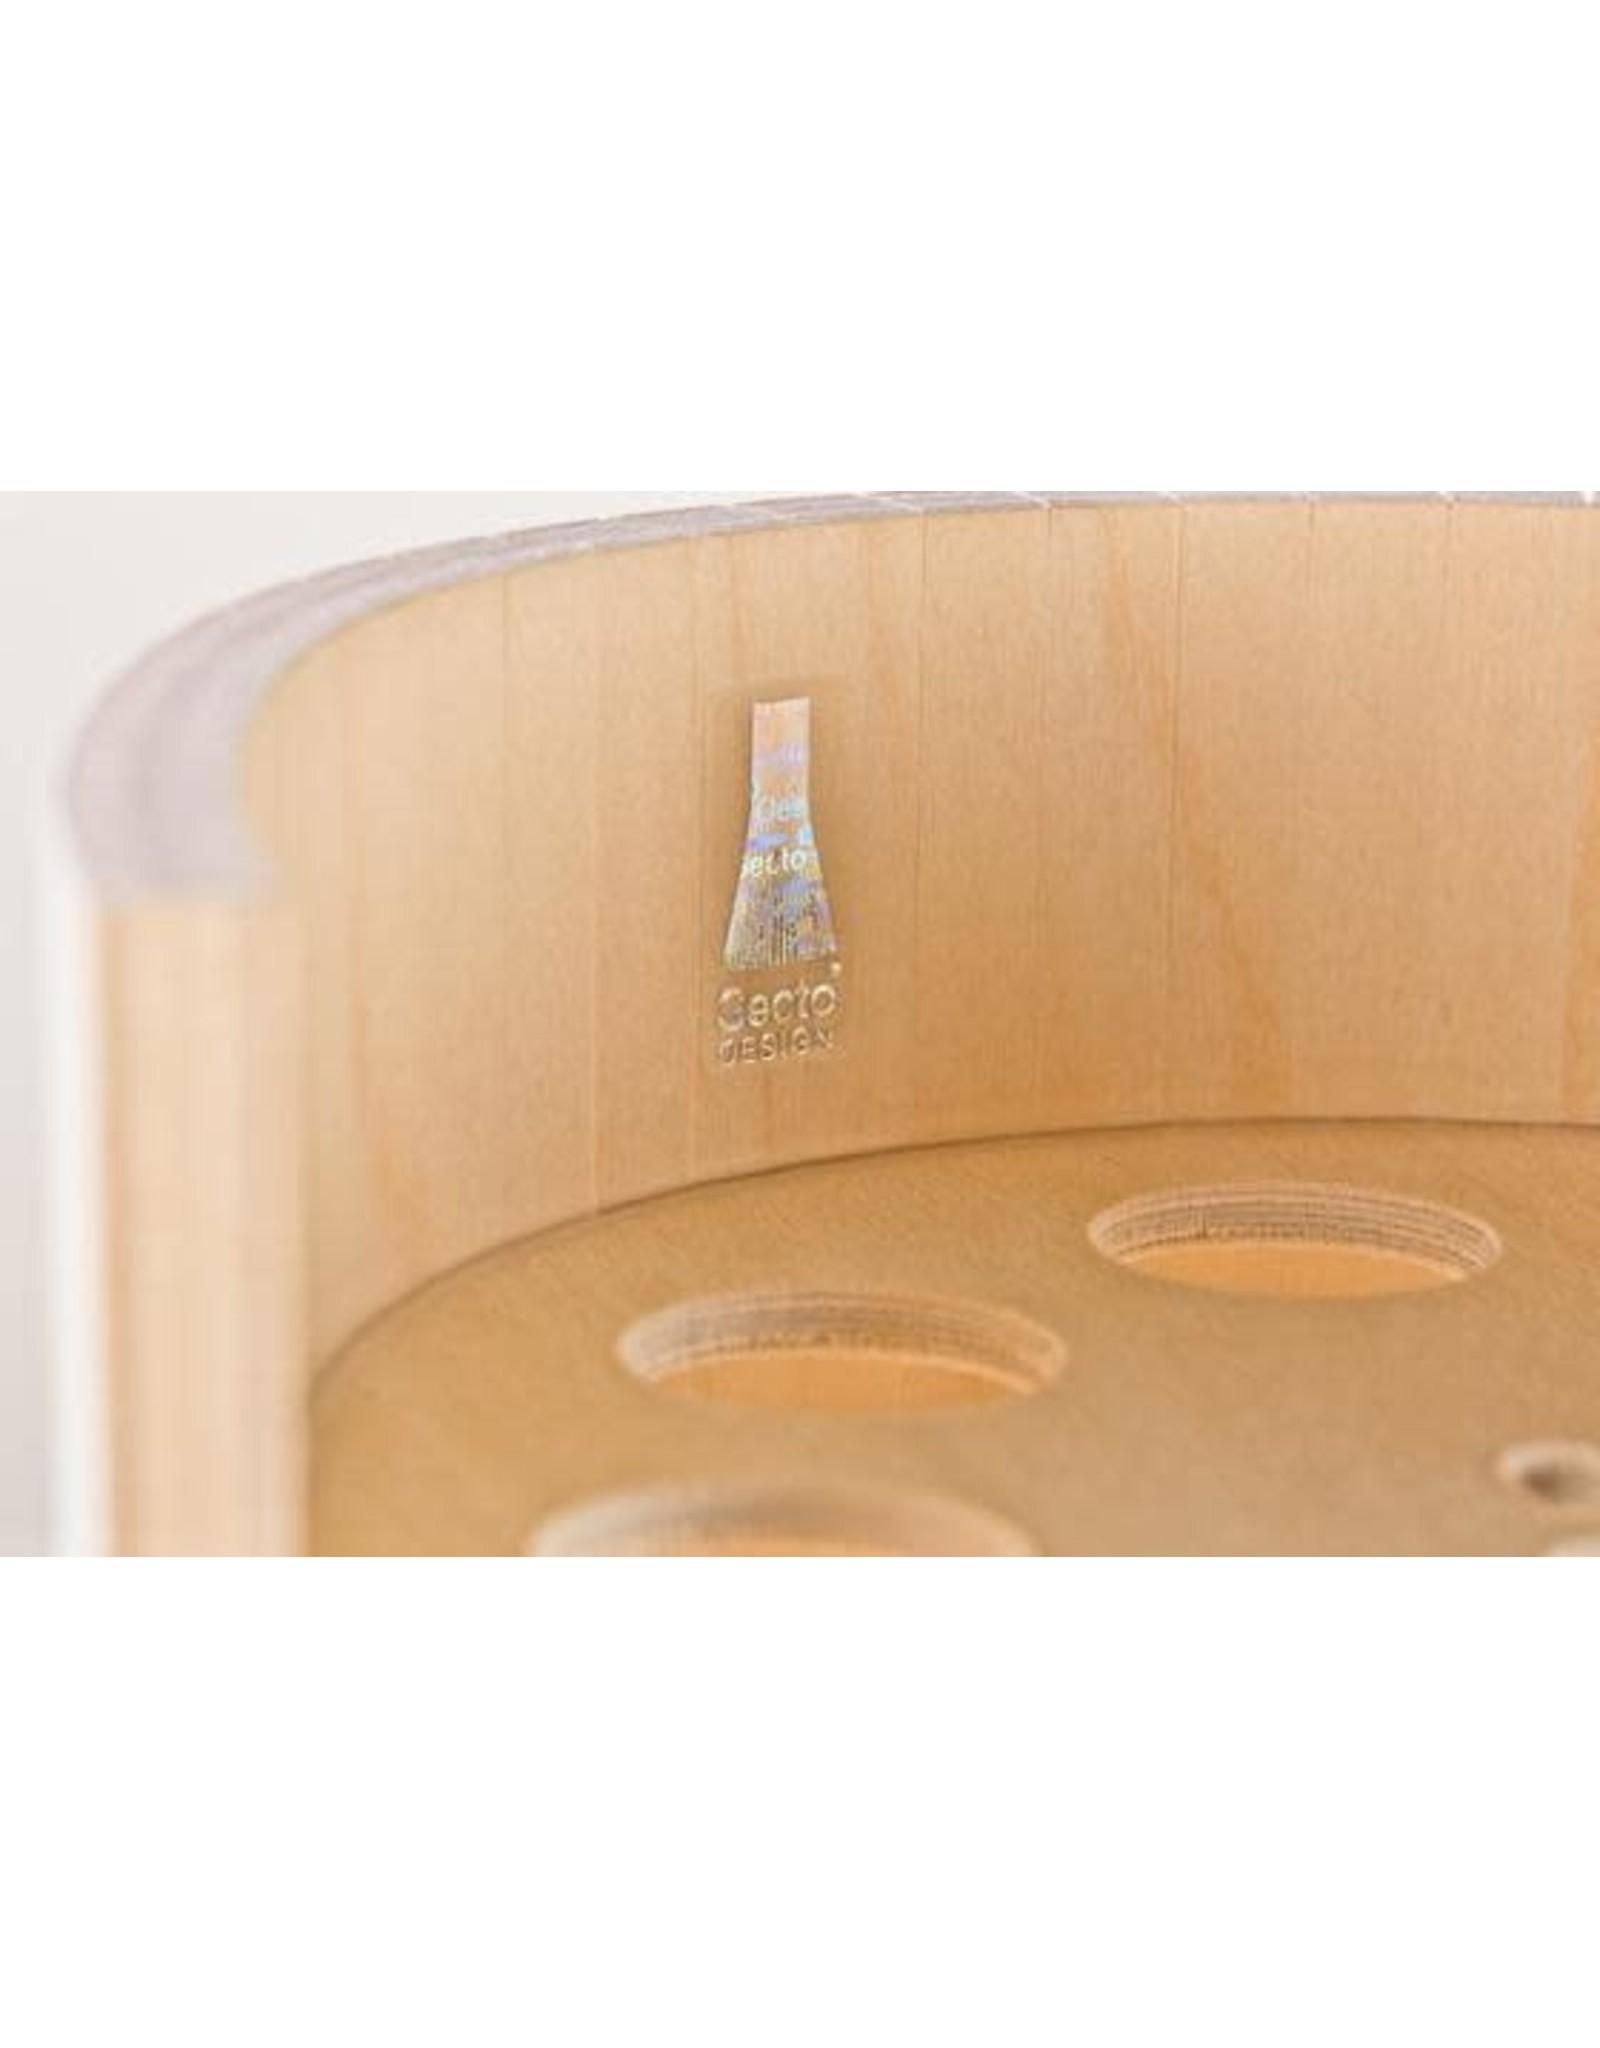 SECTO DESIGN MAGNUM 4202 PENDANT LAMP